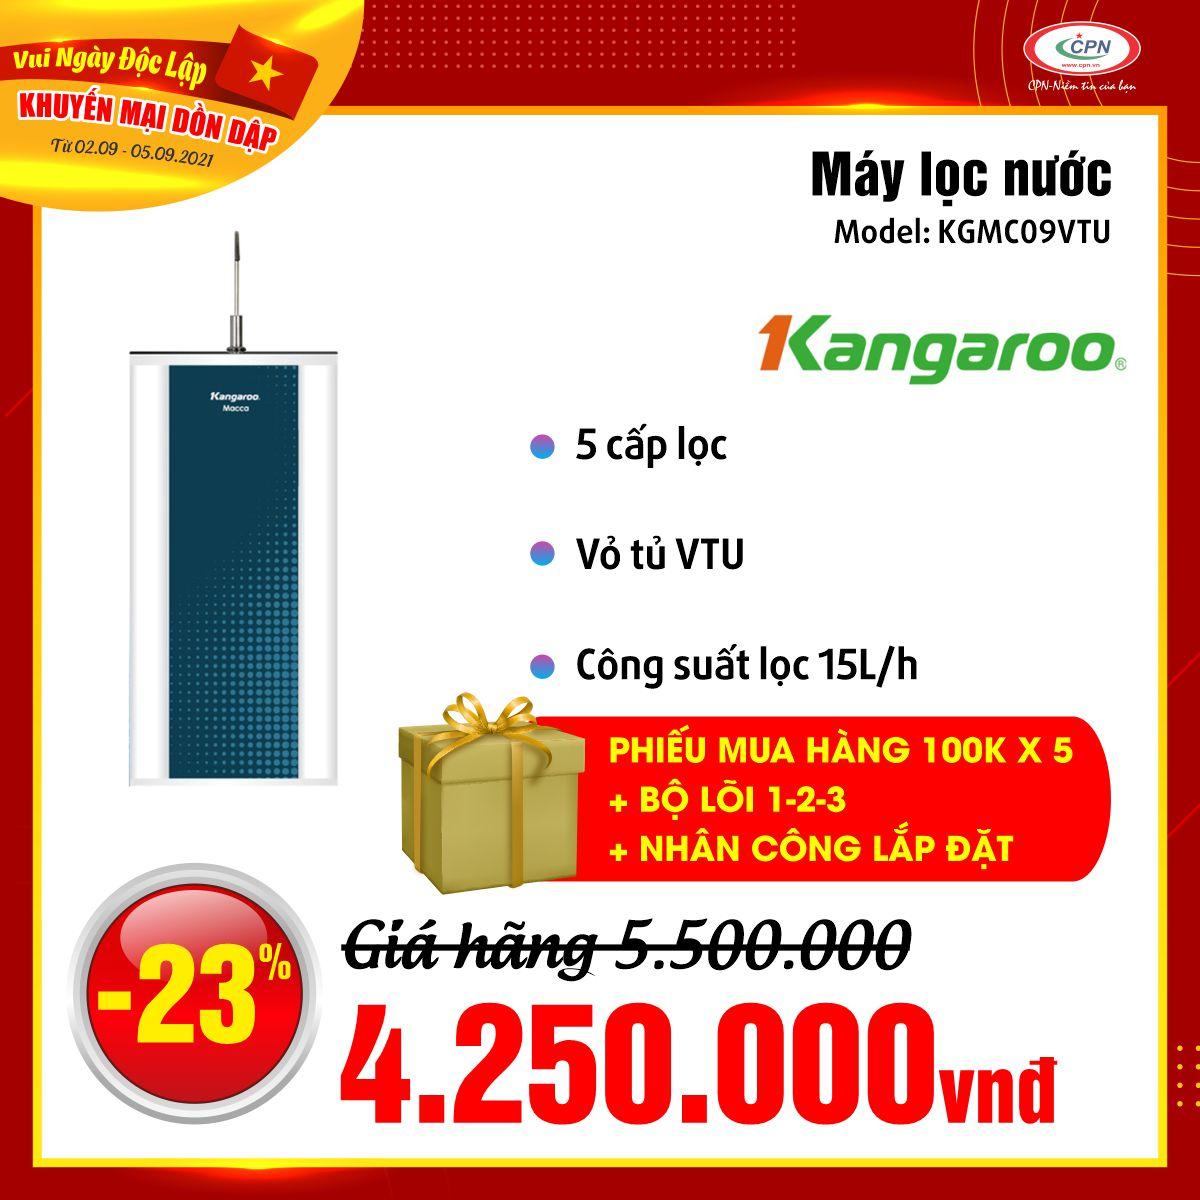 900x900-quoc-khanh-2021-kgmc09vtu.jpg